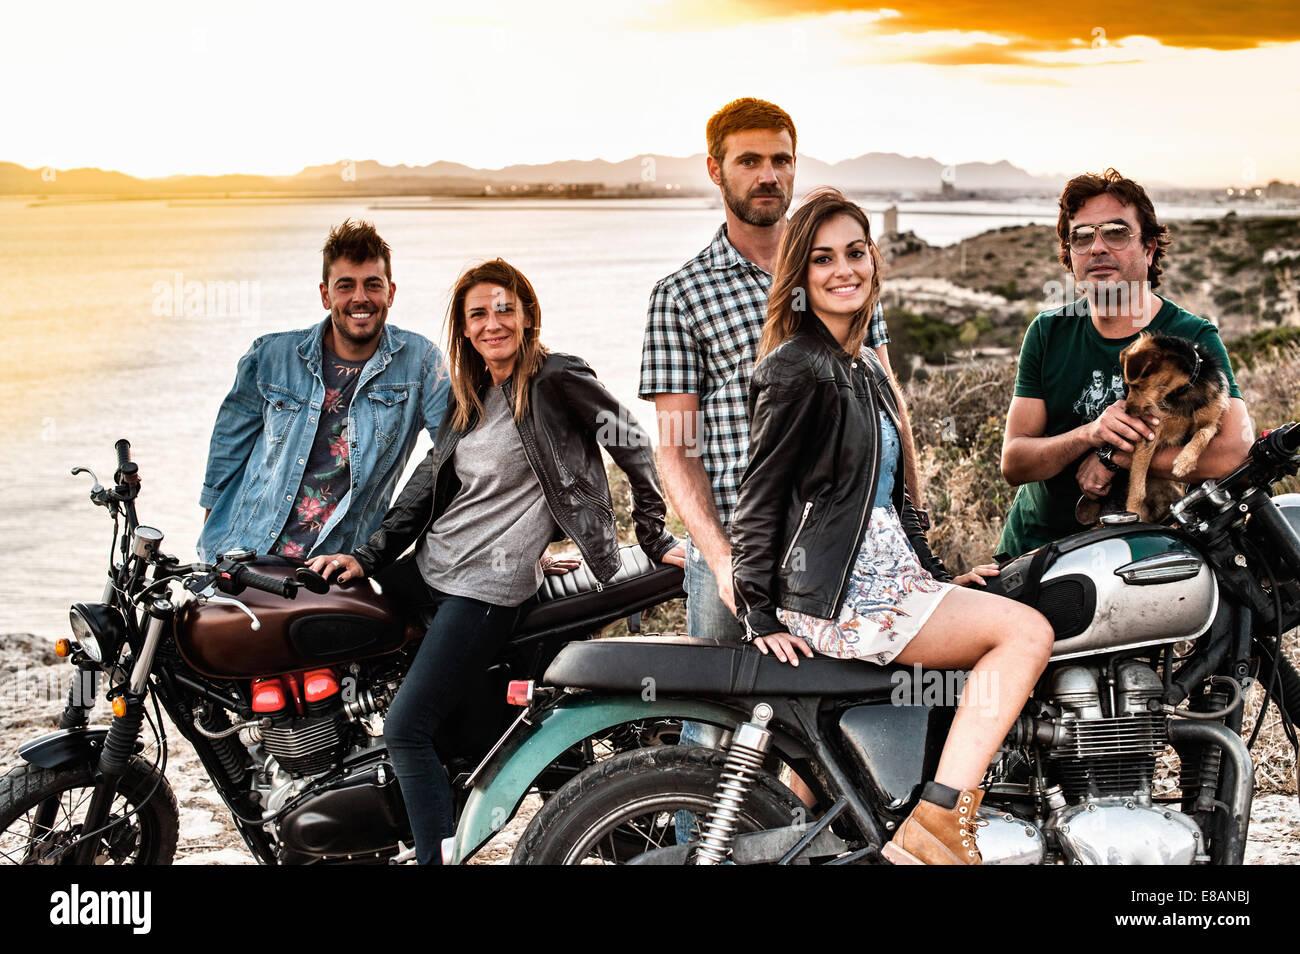 Porträt von fünf Motorrad Freunde auf Küste bei Sonnenuntergang, Cagliari, Sardinien, Italien Stockbild